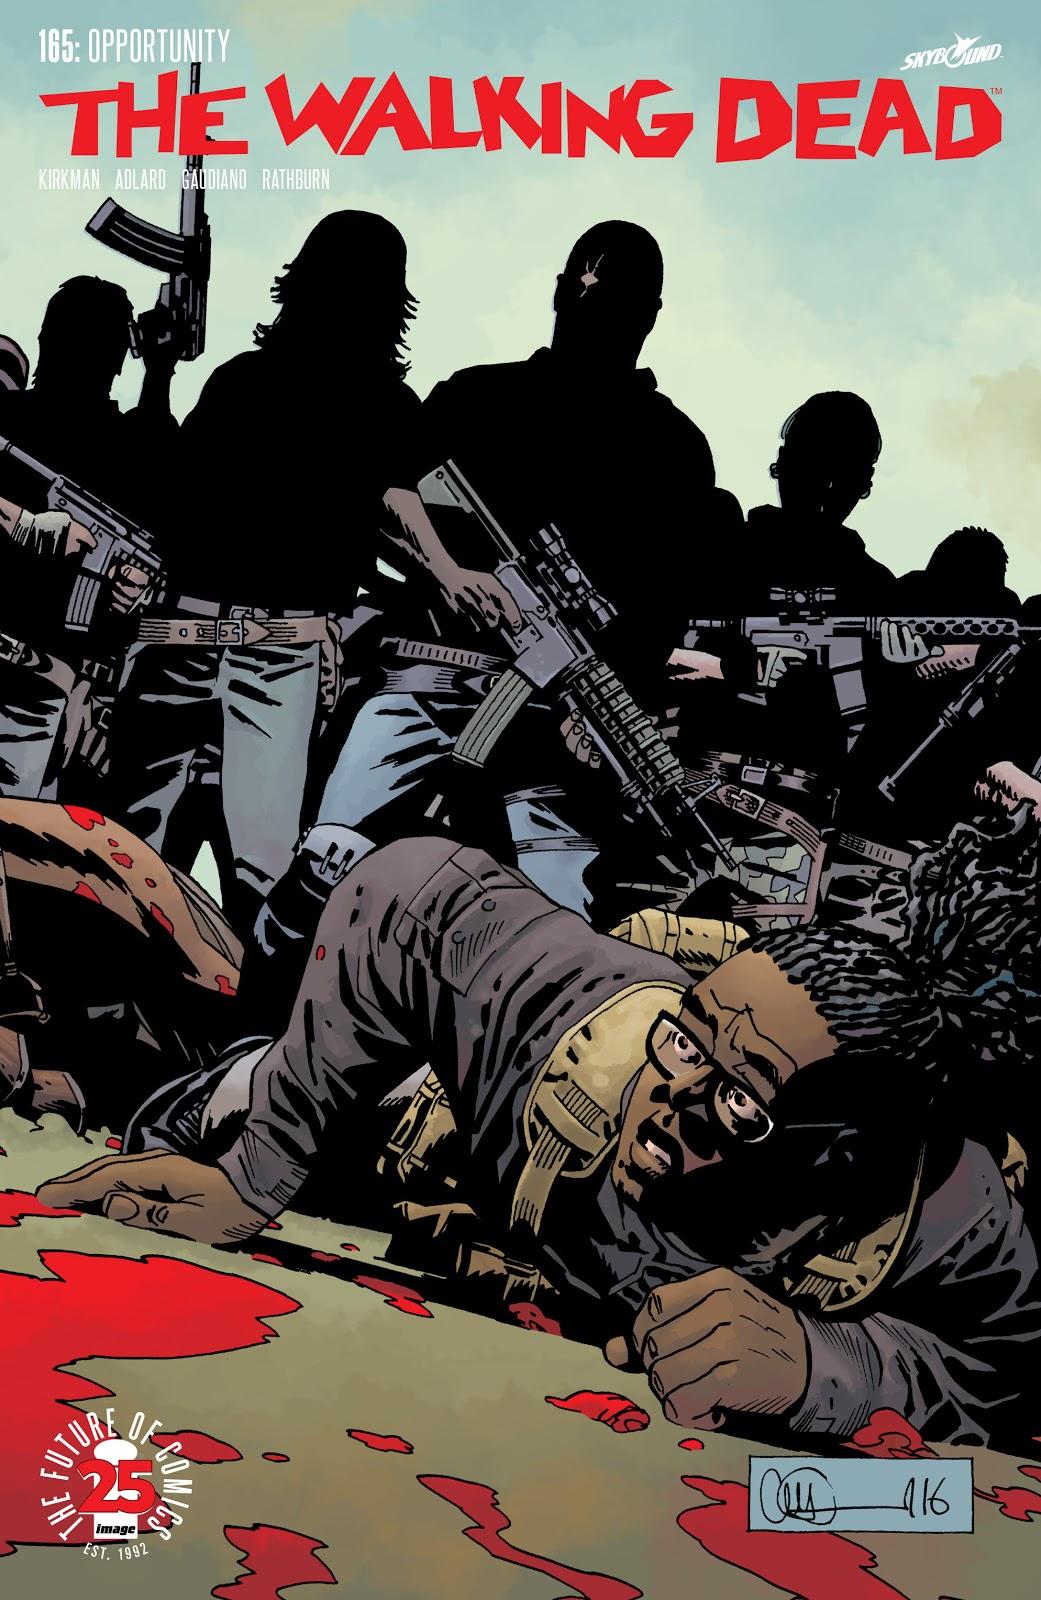 The Walking Dead-ตอนที่ 165